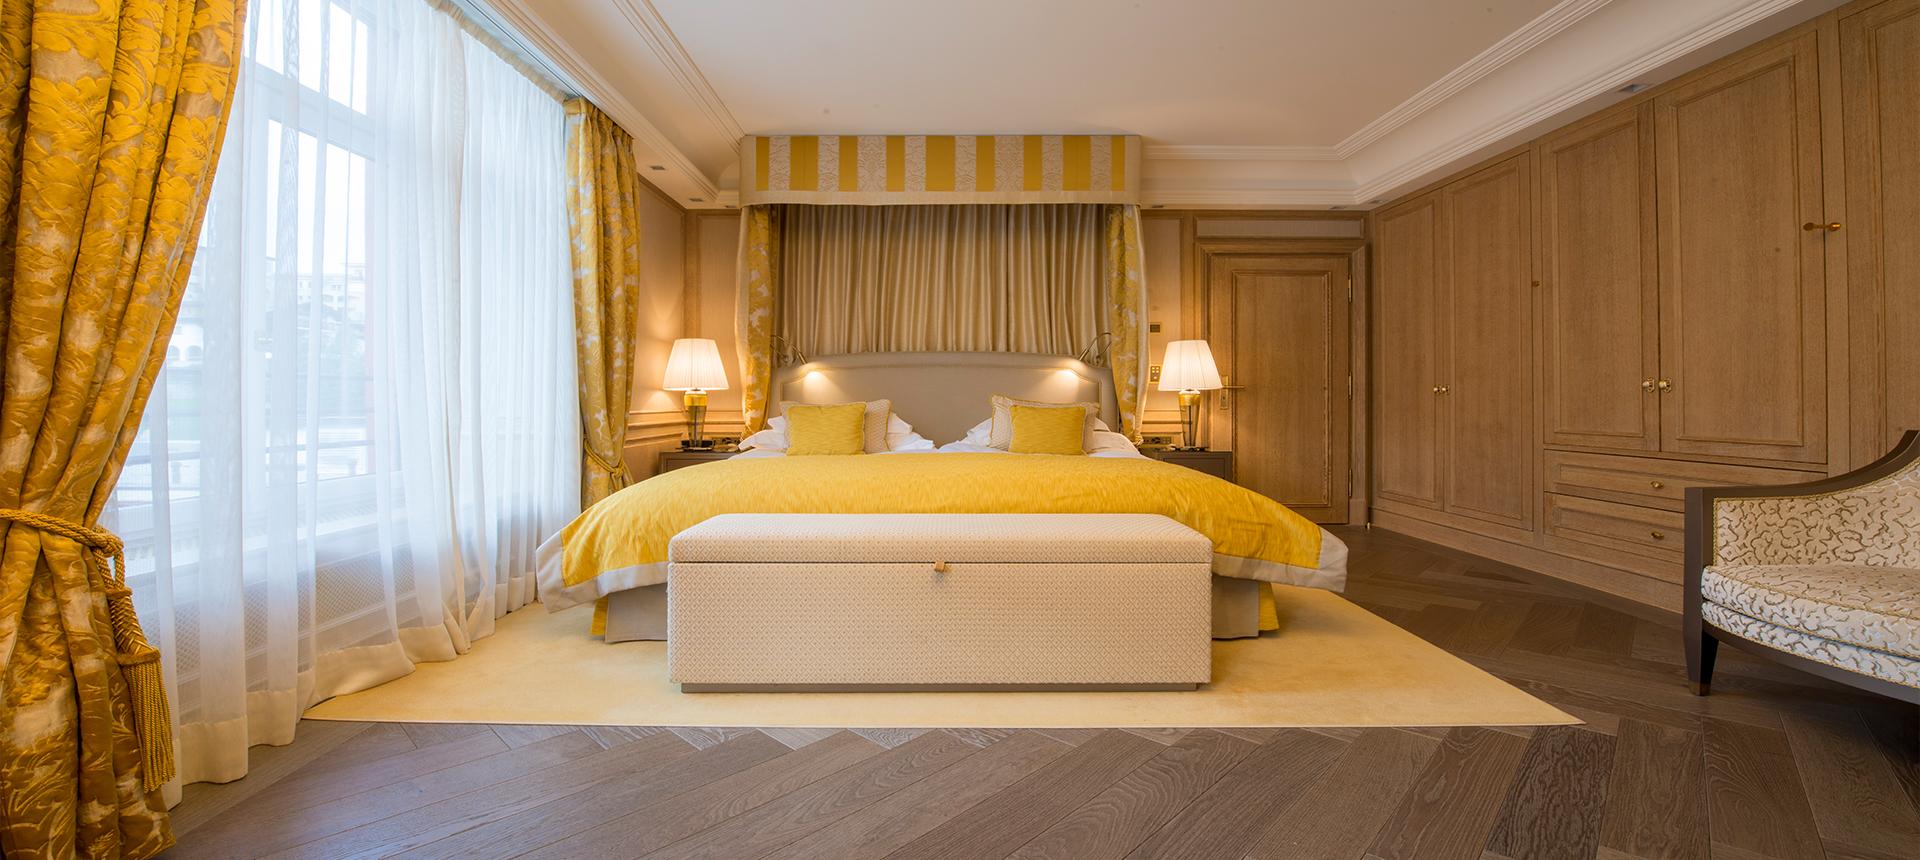 Hotelzimmer einrichten Pilati Grand Hotel Sankt Moritz